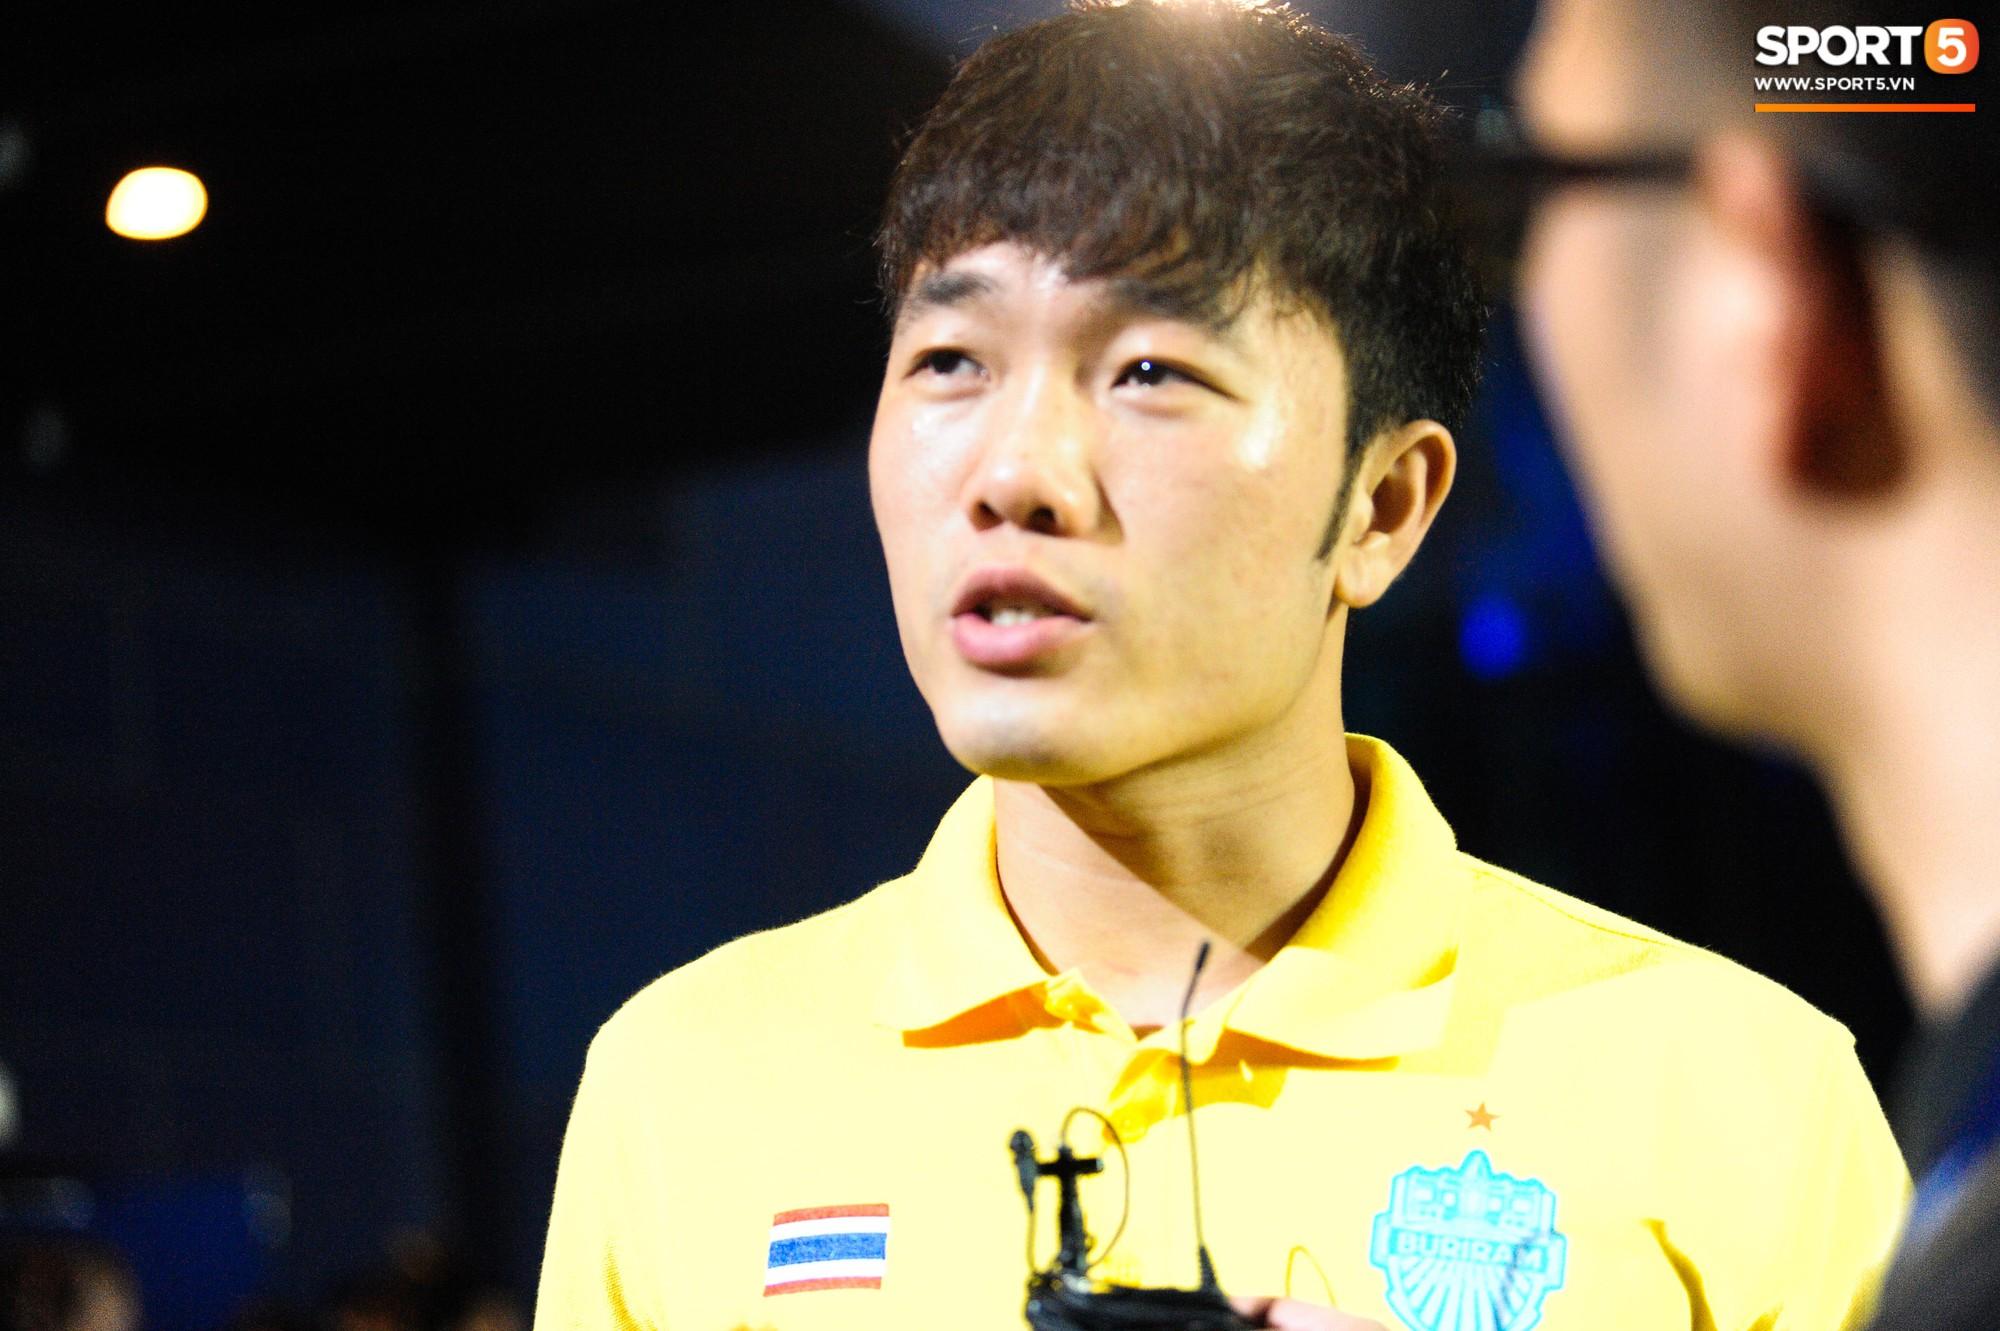 Giải mã hành động Xuân Trường cởi áo sau trận thắng đội bóng của Văn Lâm - Ảnh 9.